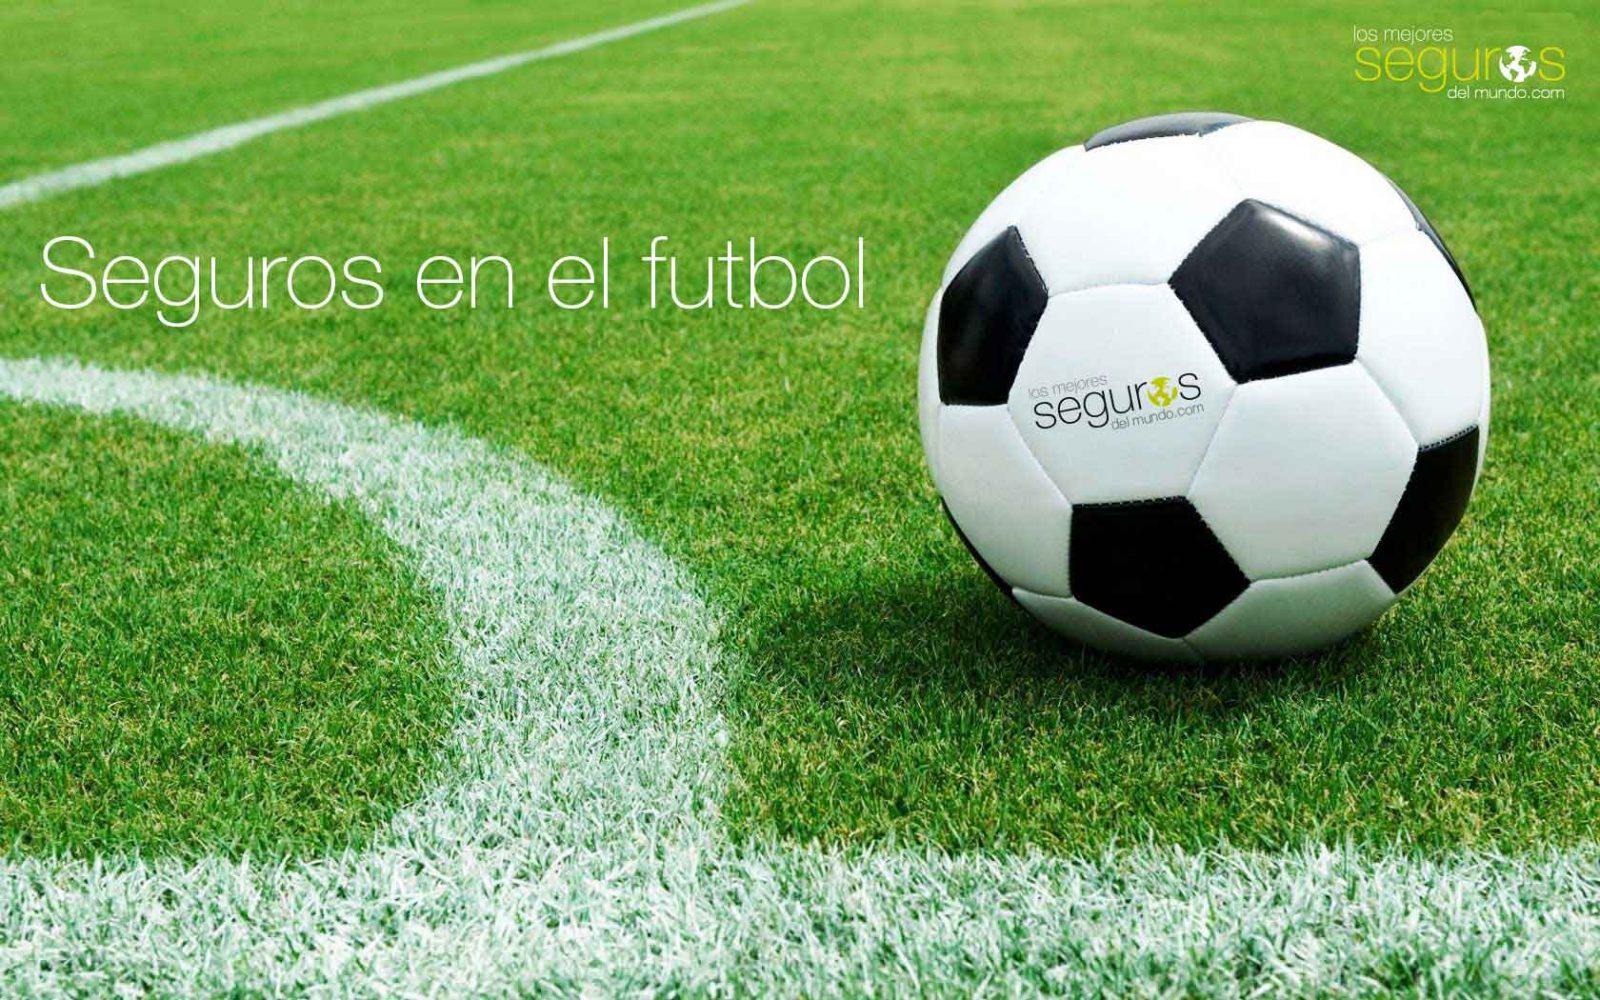 futbol-seguro